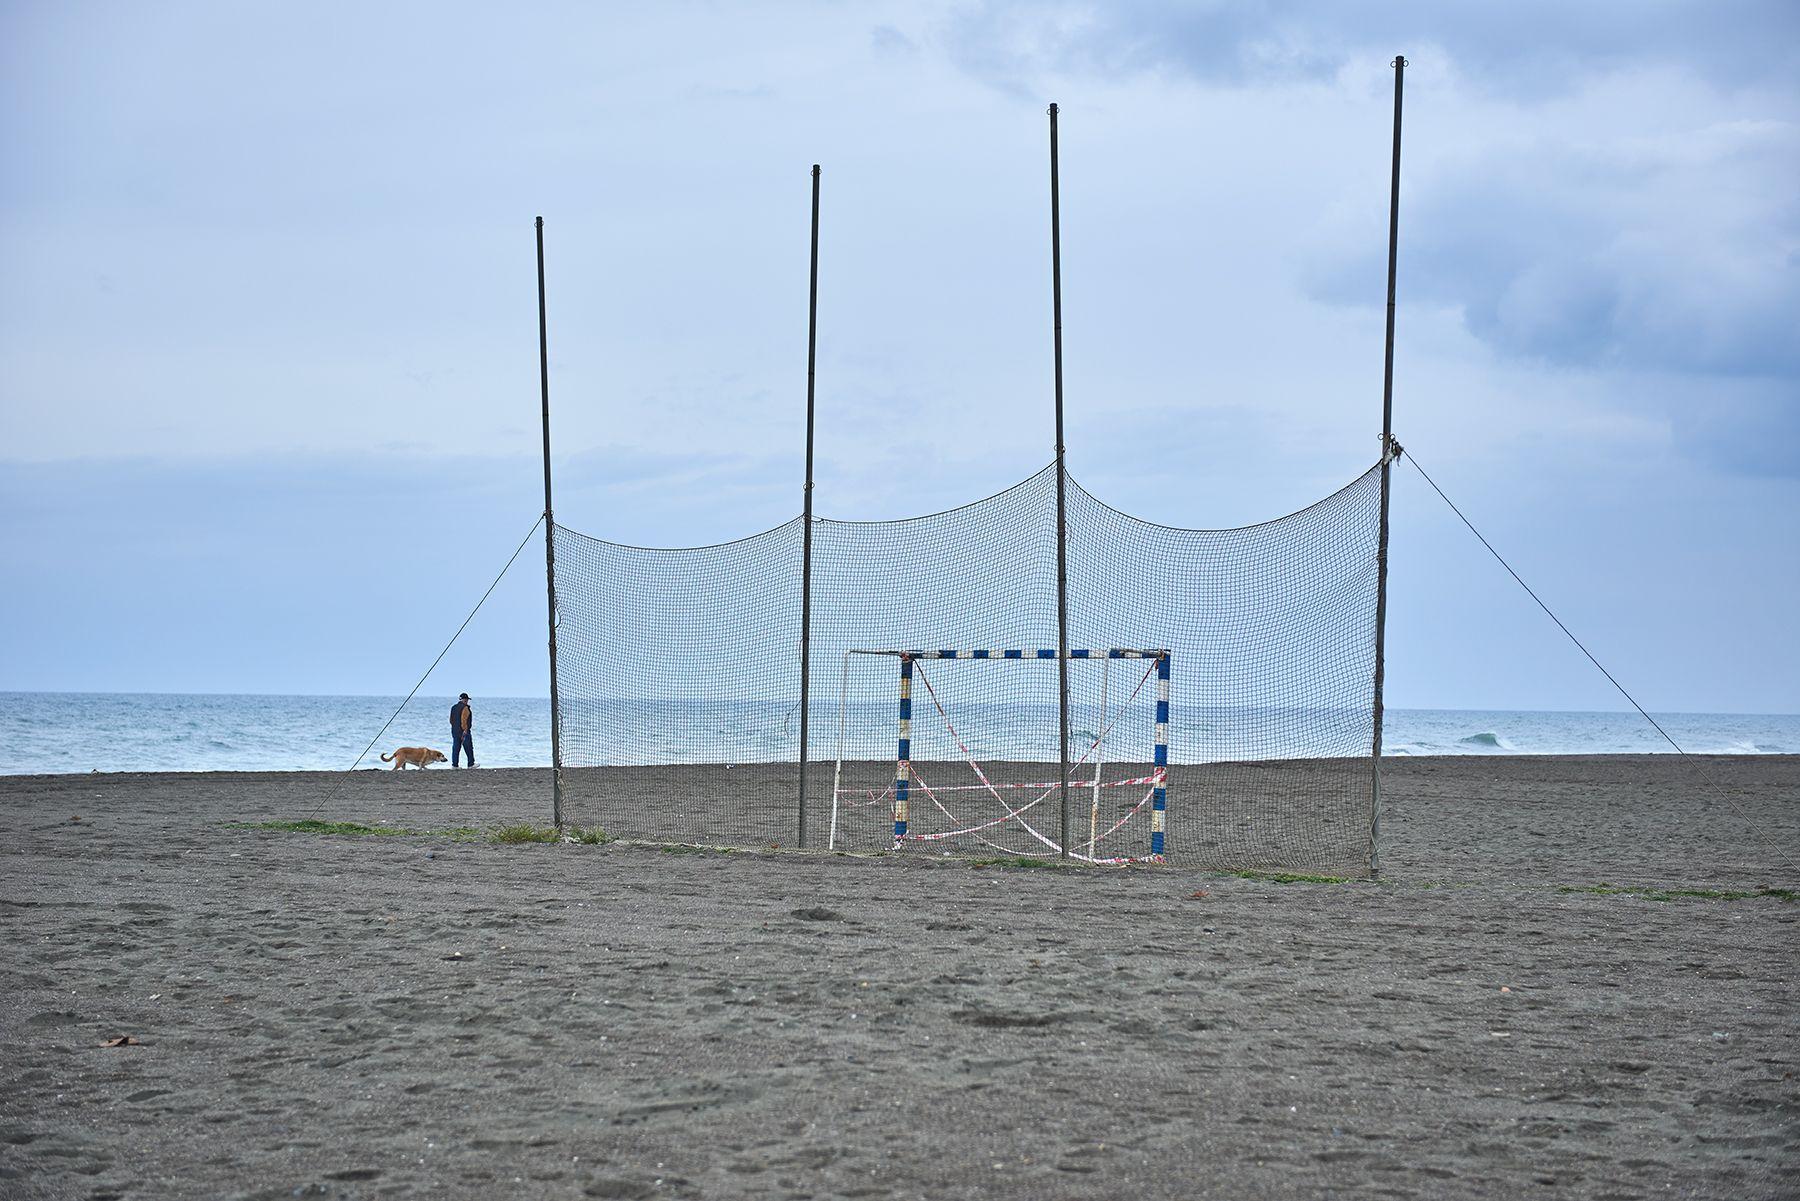 El futbol de playa confinado